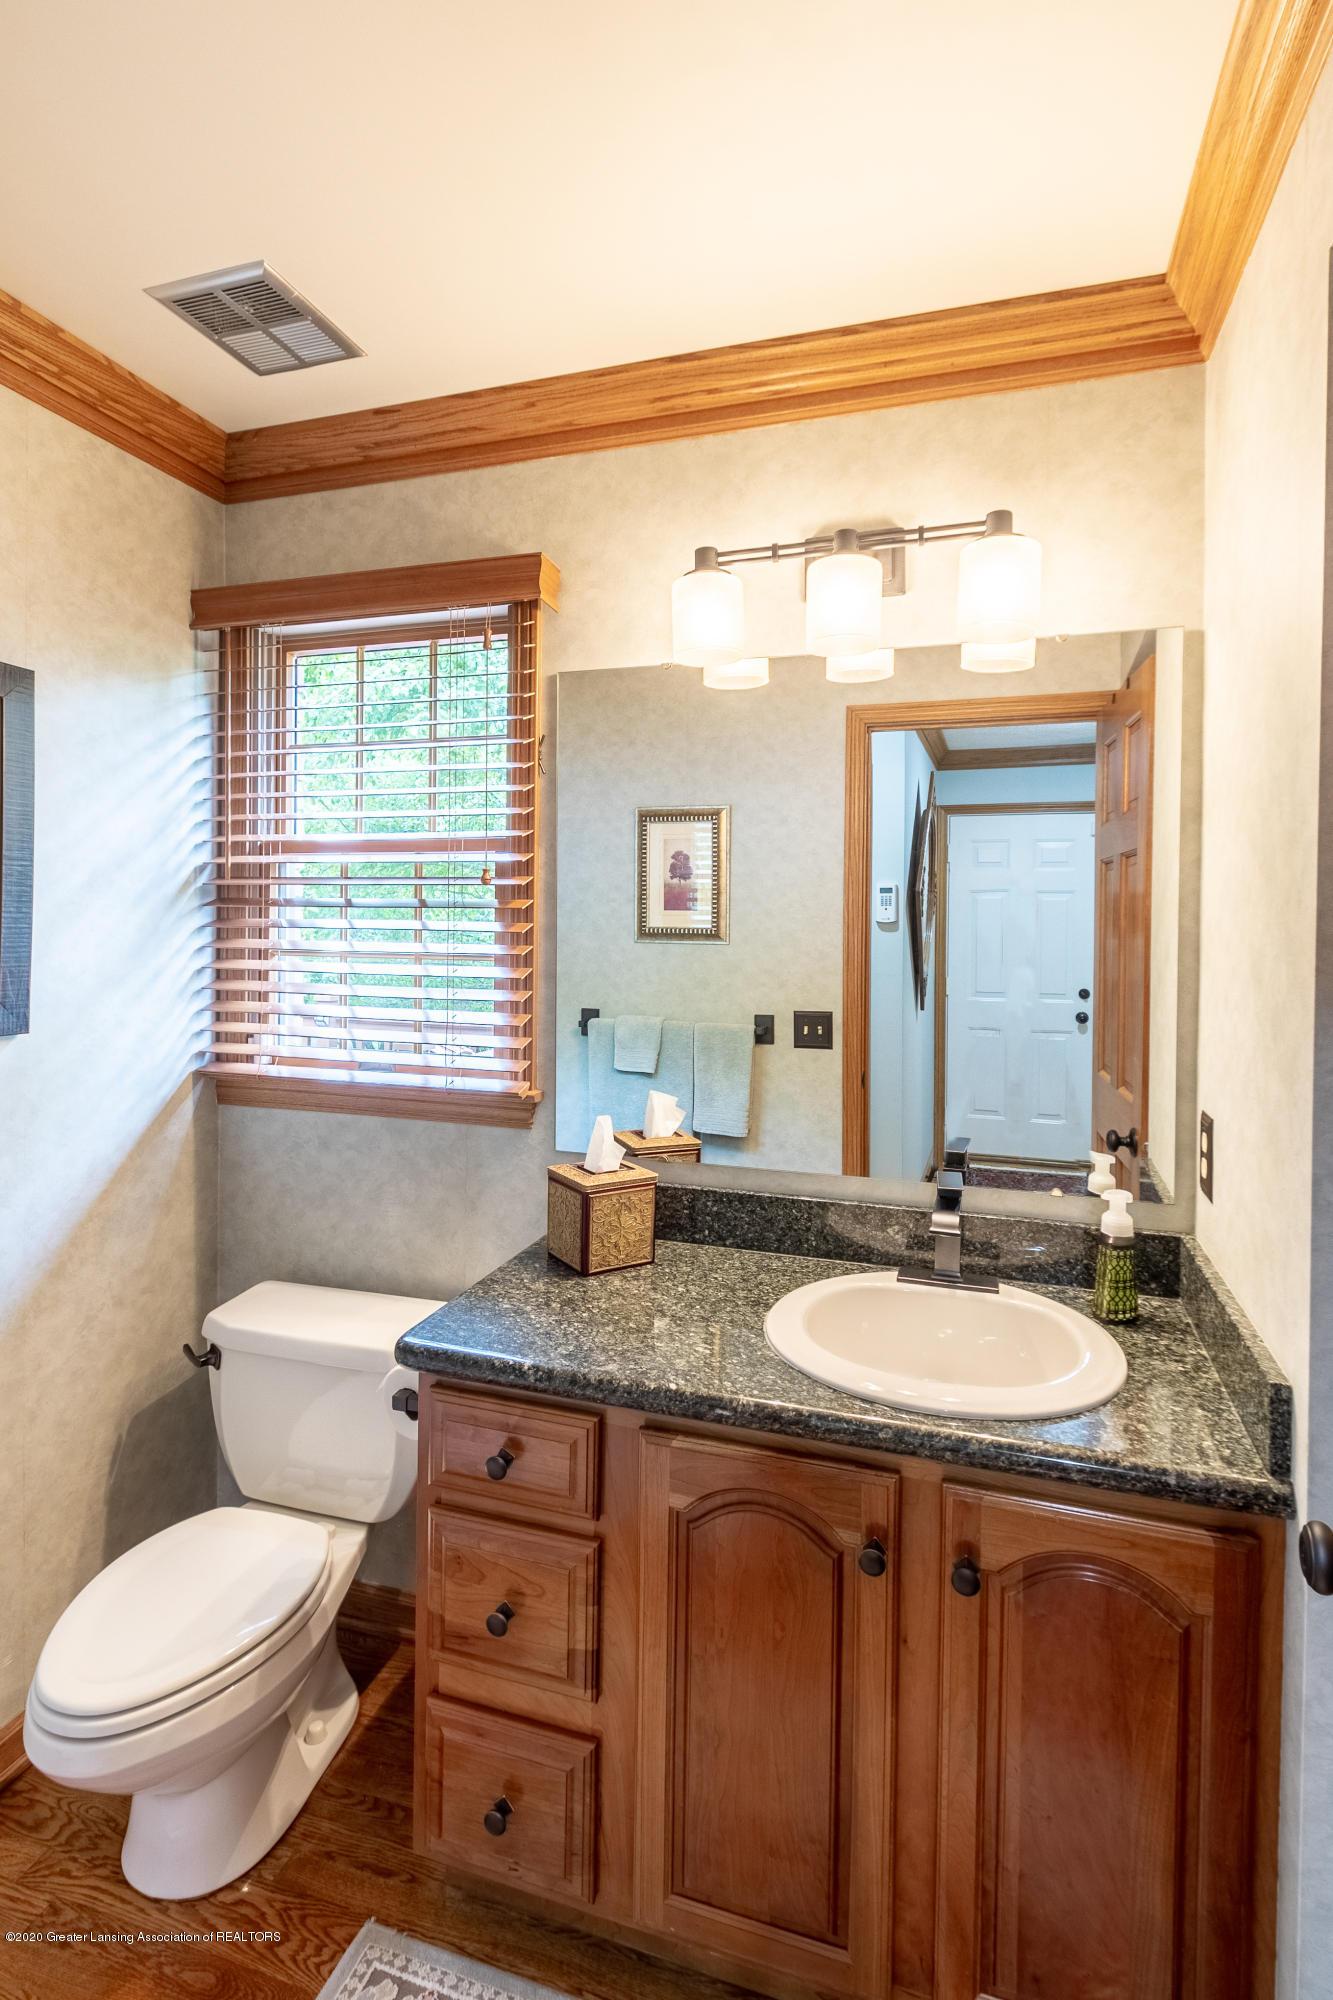 4221 Sandridge Dr - Bathroom - 30